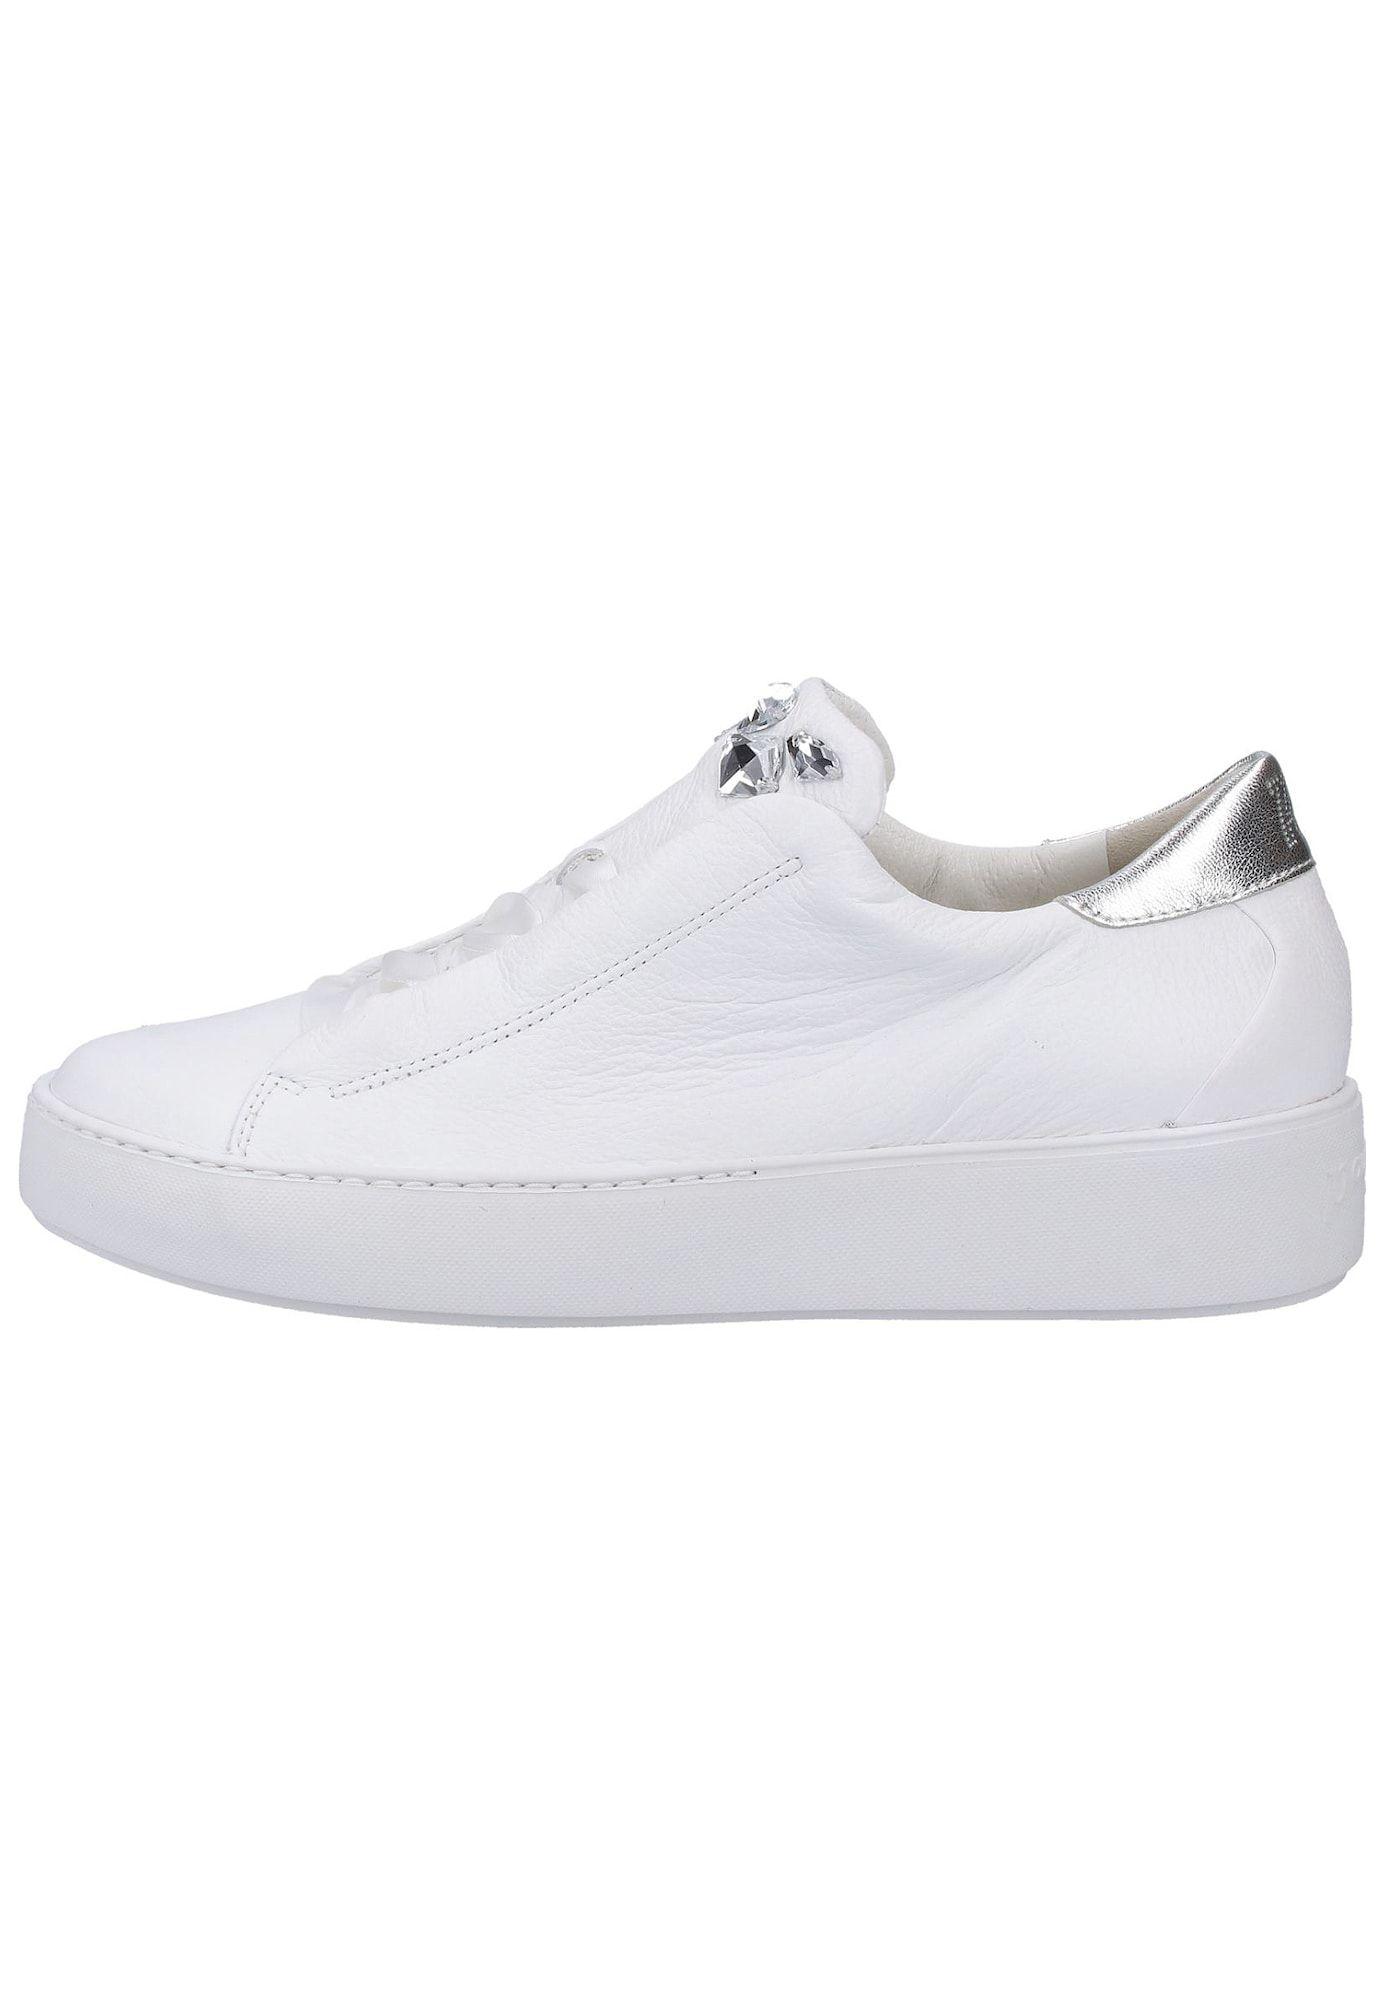 Paul Green Sneaker 35 DamenWeißGröße 5 mwPNn8Oyv0